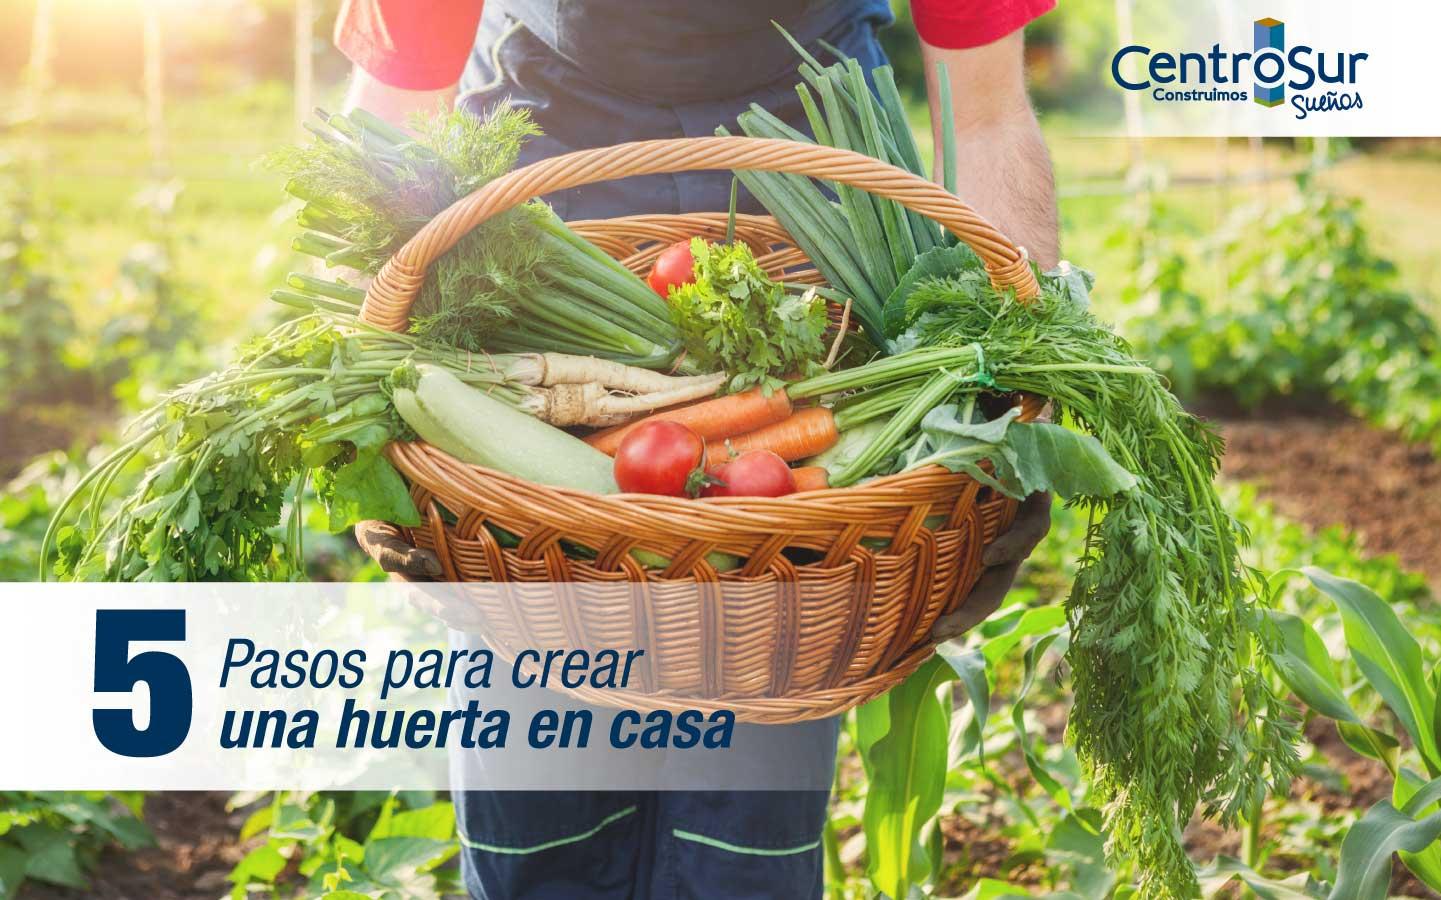 CINCO PASOS PARA CREAR UNA HUERTA EN CASA